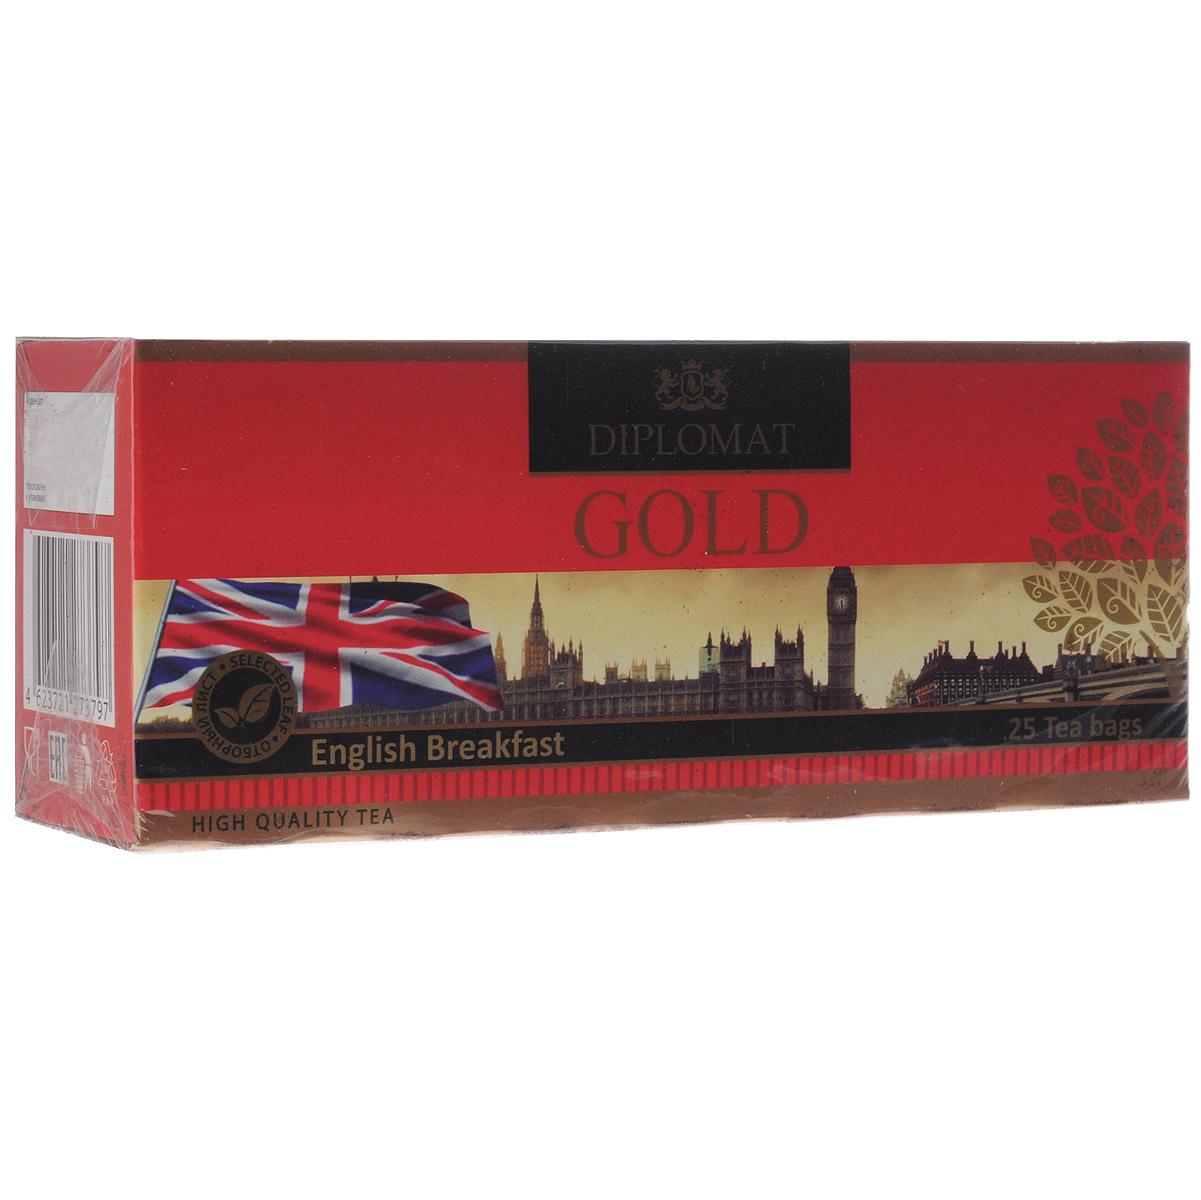 Diplomat English Breakfast черный чай в пакетиках, 25 шт.0120710За чашкой этого чая, ощущения перенесут Вас в старую добрую Англию, окунув в атмосферу неторопливой светской беседы английской аристократии. Яркий рубиновый прозрачный настой, аромат приятный с цветочно-медовыми нотками, вкус нежный, сладковато-терпкий.